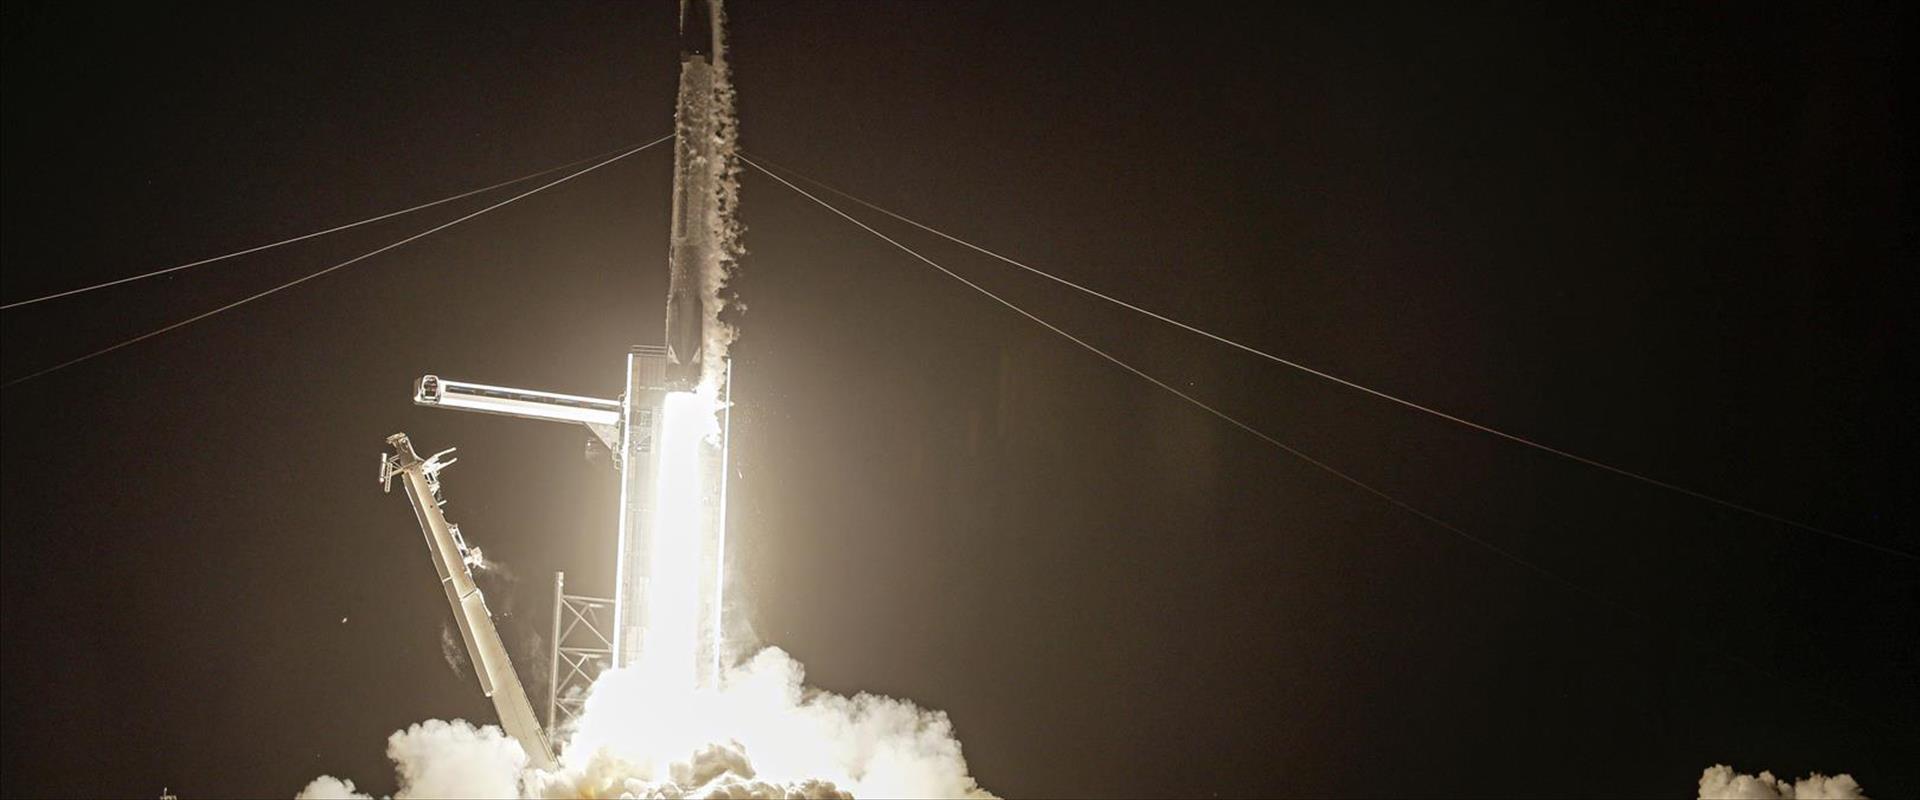 טיסה אזרחית ראשונה לחלל